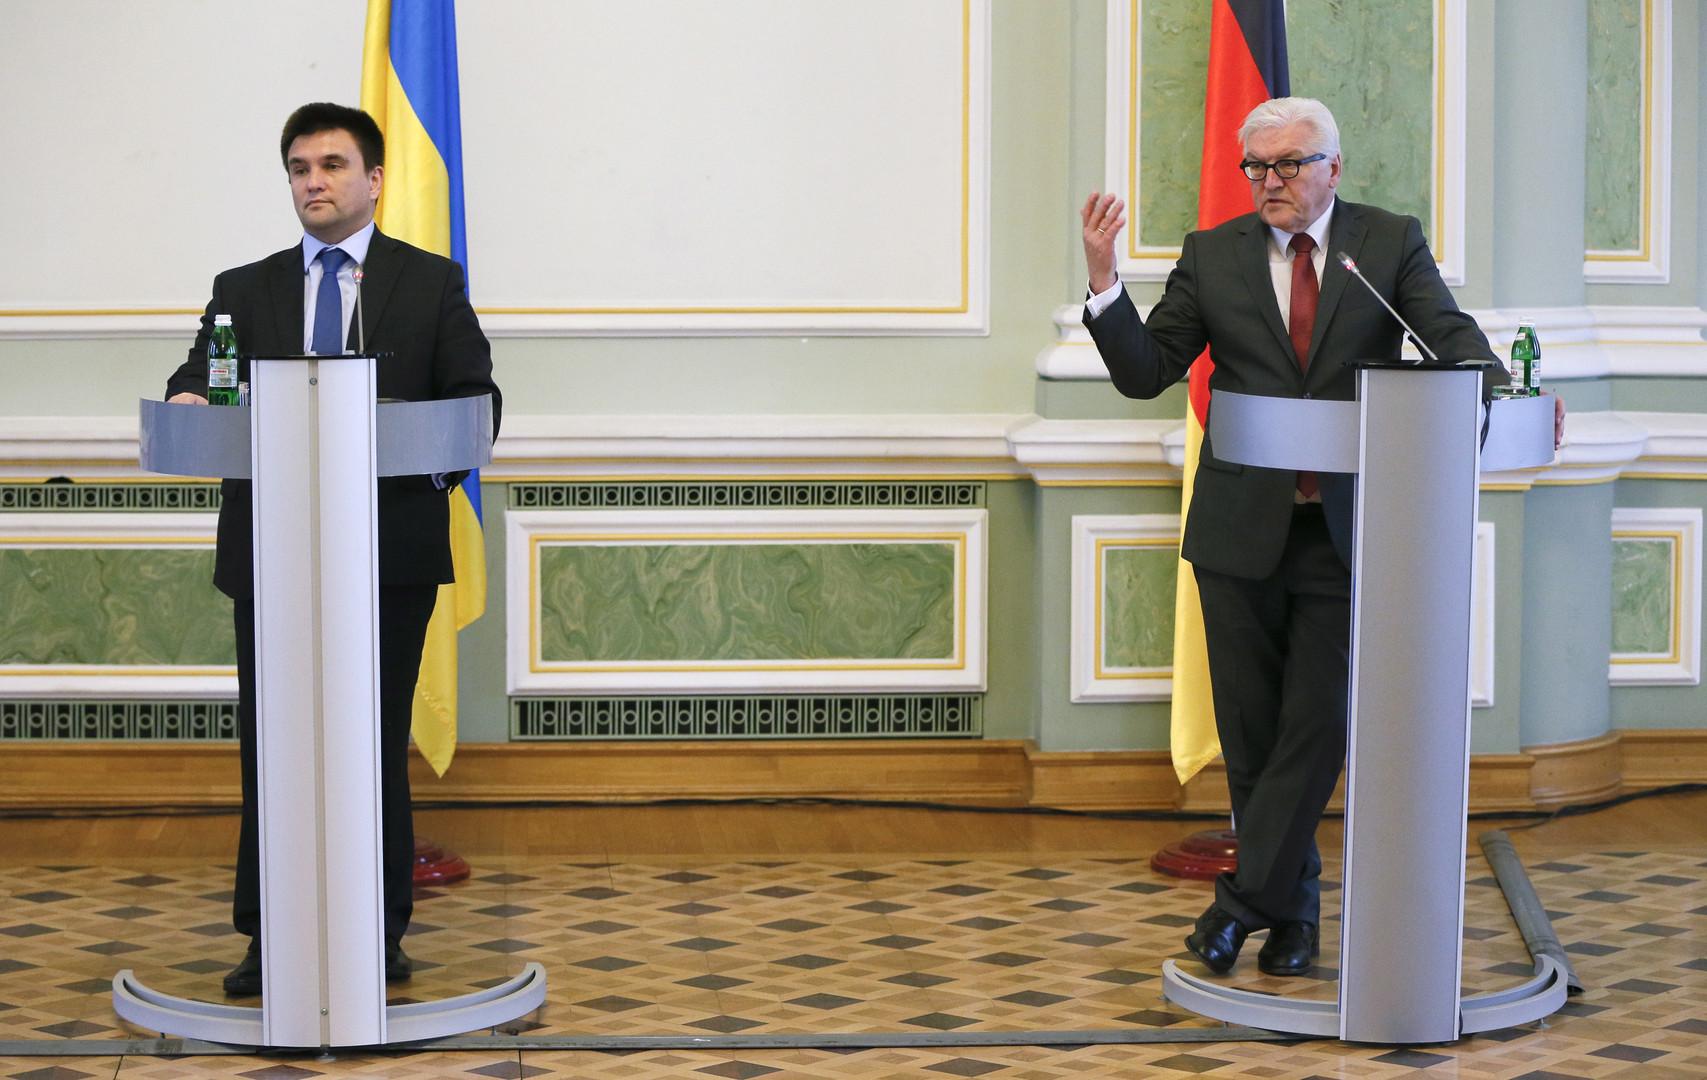 Der deutsche Außenminister Steinmeier und der ukrainische Außenminister Klimkin während einer gemeinsamen Pressekonferenz im Februar 2016.